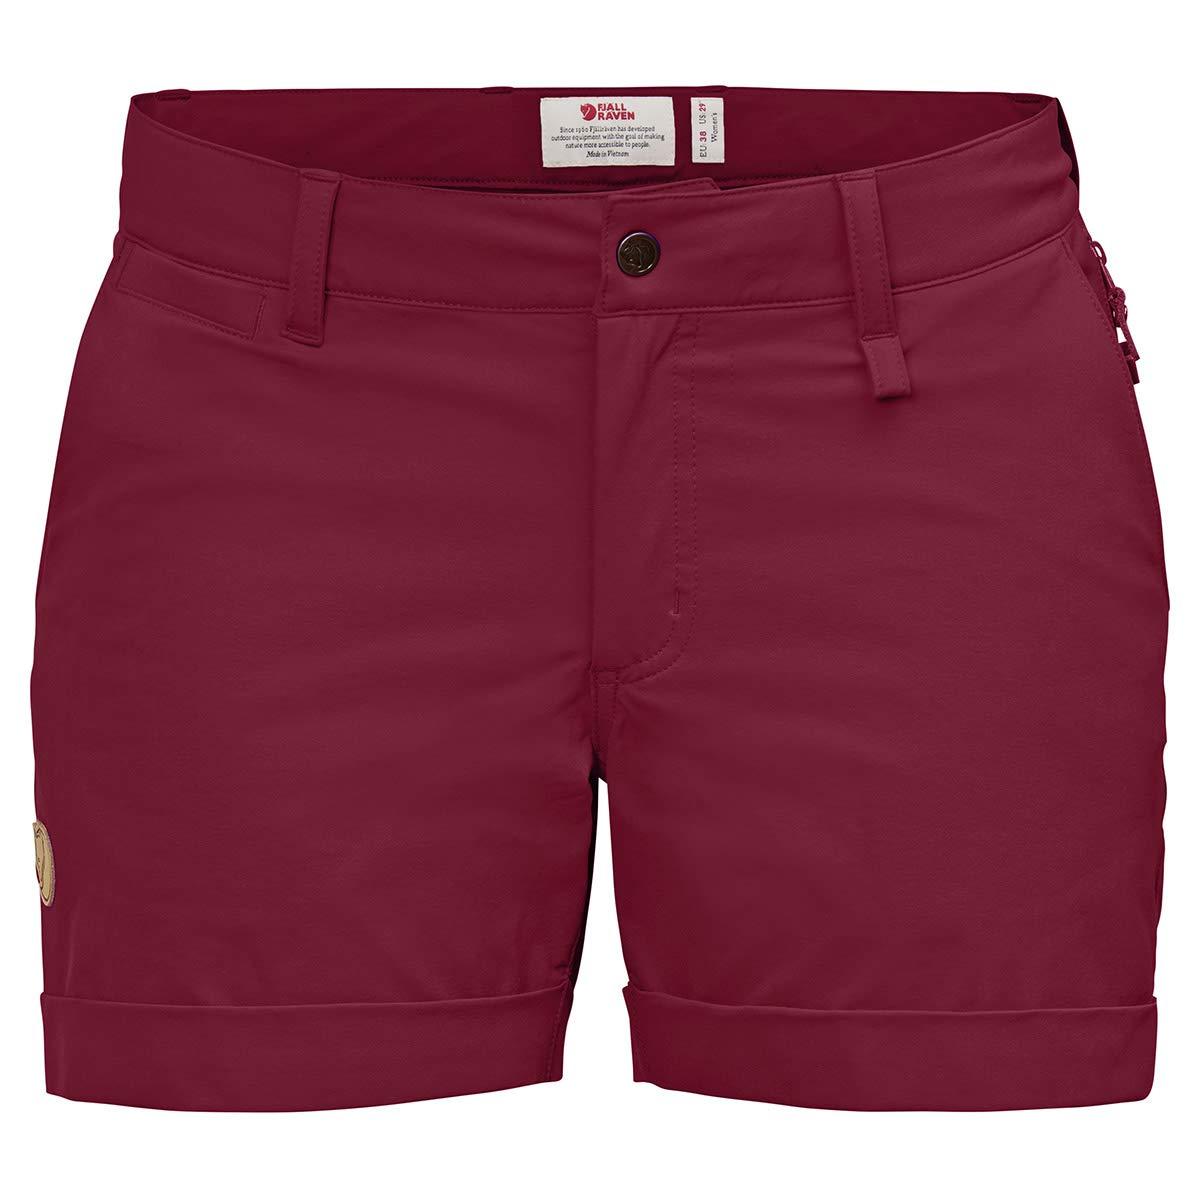 Plum Womens Abisko Stretch Shorts 44 Fjallraven